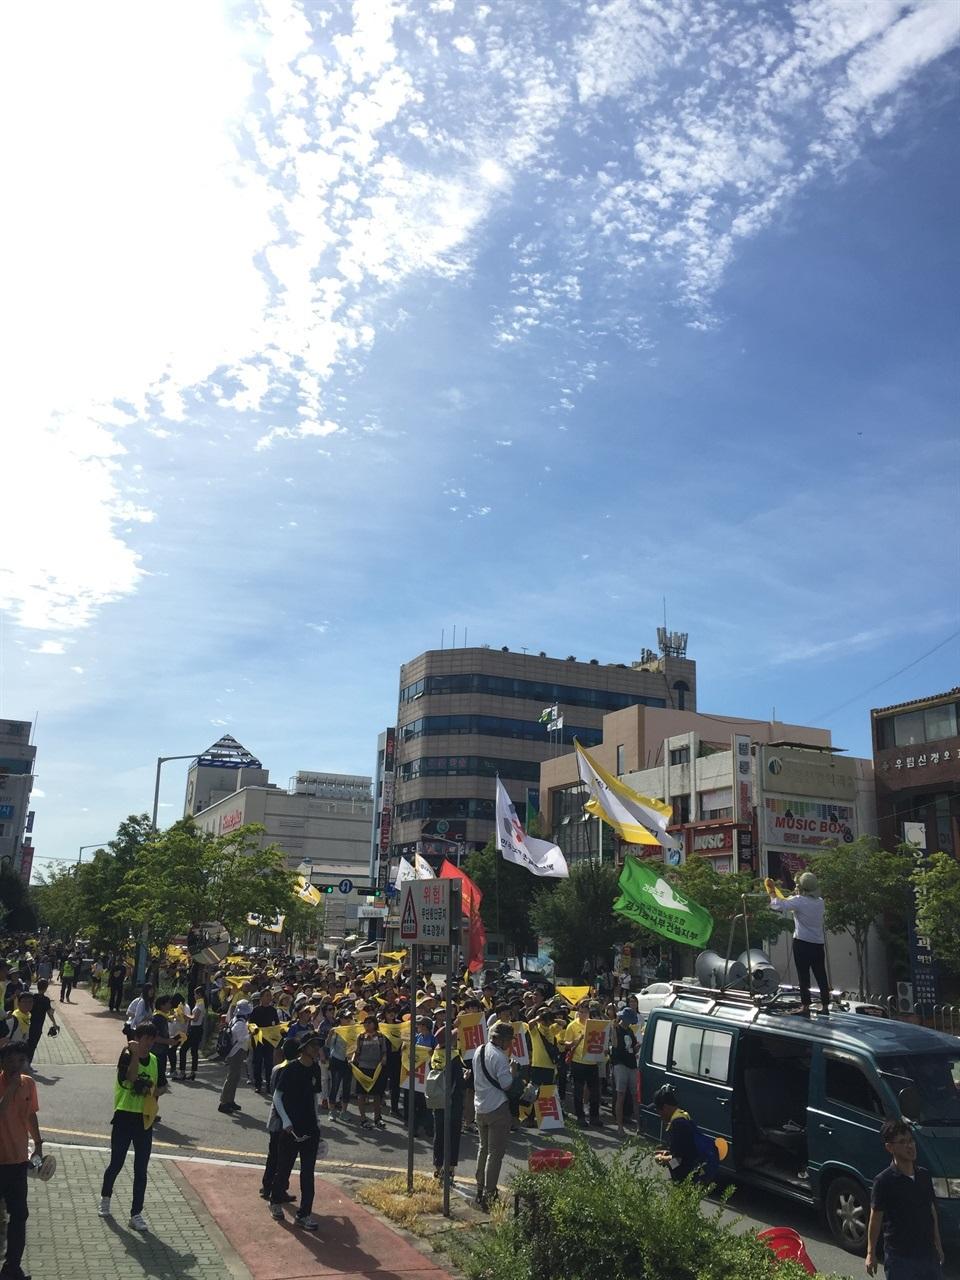 목포시내를 행진하는 시민들. 전국에서 2000명이 모였다.